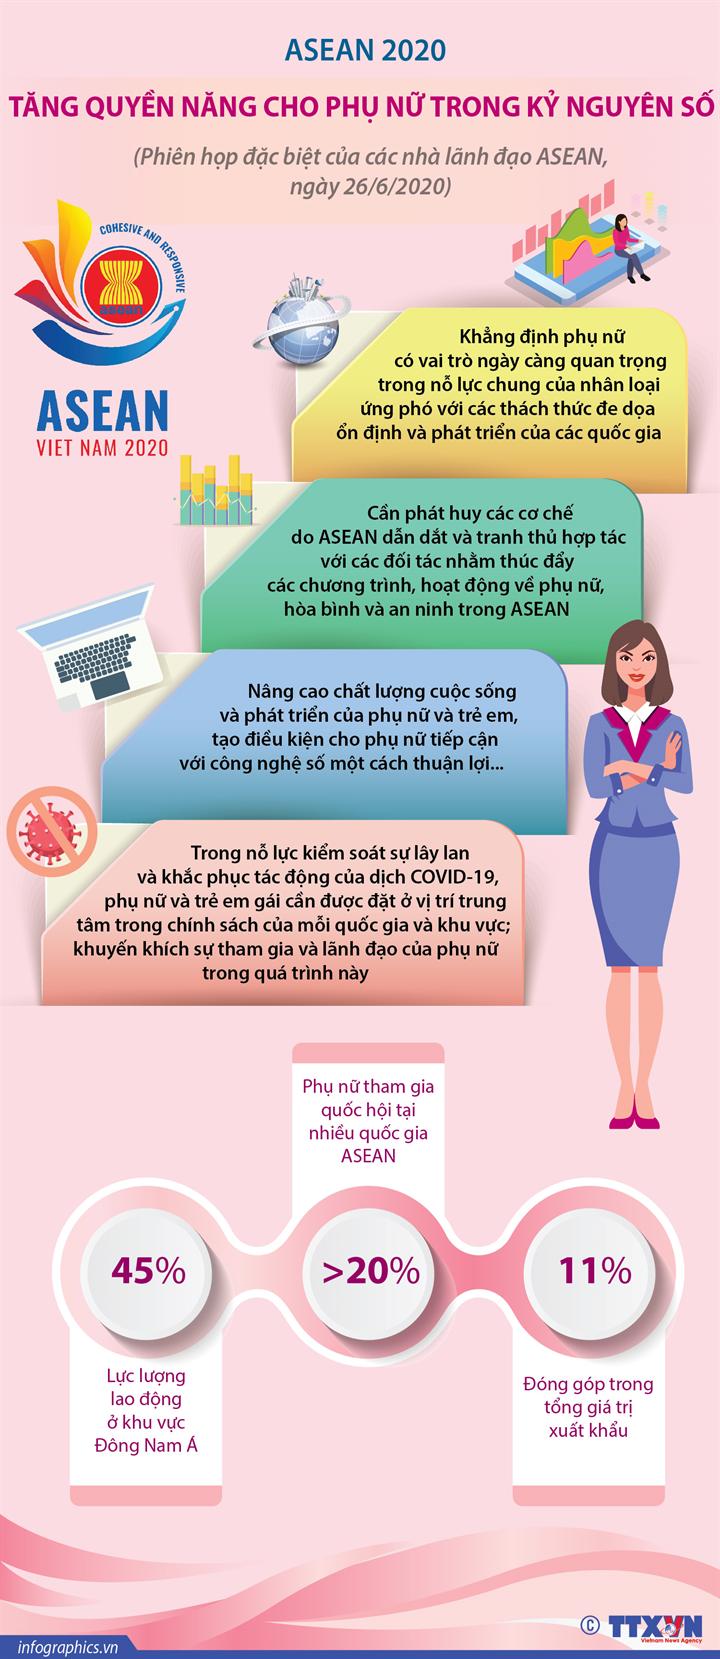 ASEAN 2020: Tăng quyền năng cho phụ nữ trong kỷ nguyên số (Phiên họp đặc biệt của các nhà lãnh đạo ASEAN, ngày 26/6/2020)